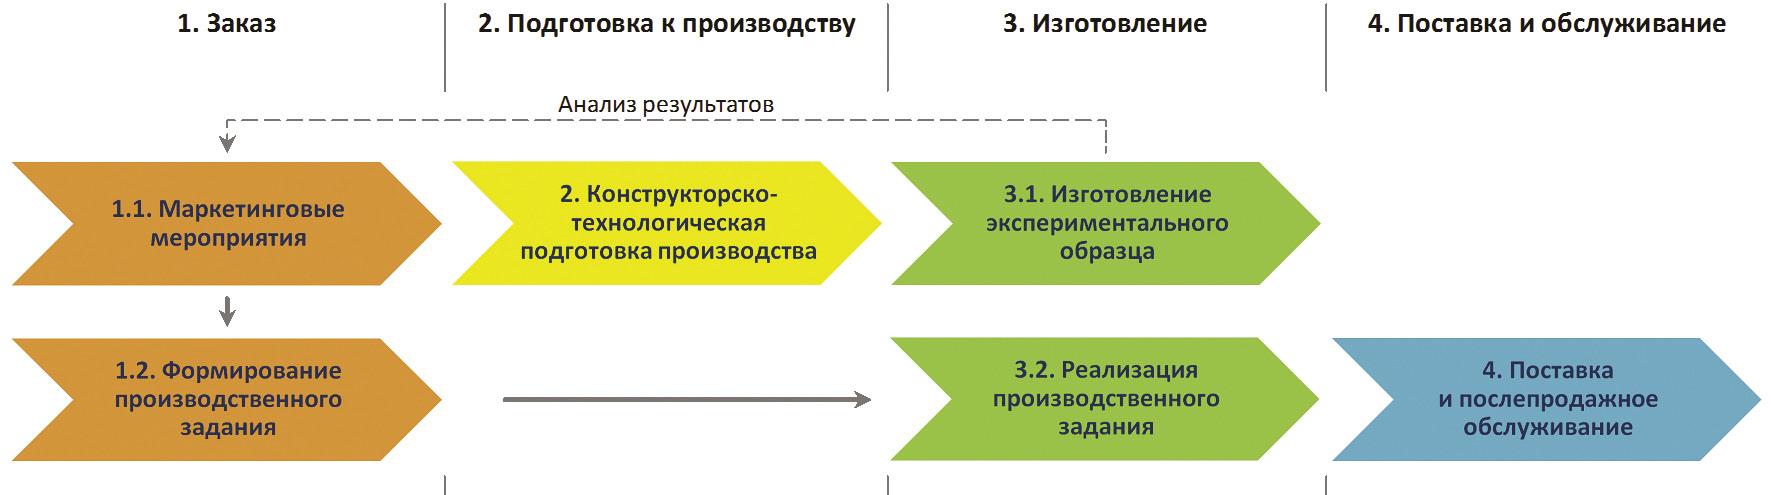 автоматизация и производство схема